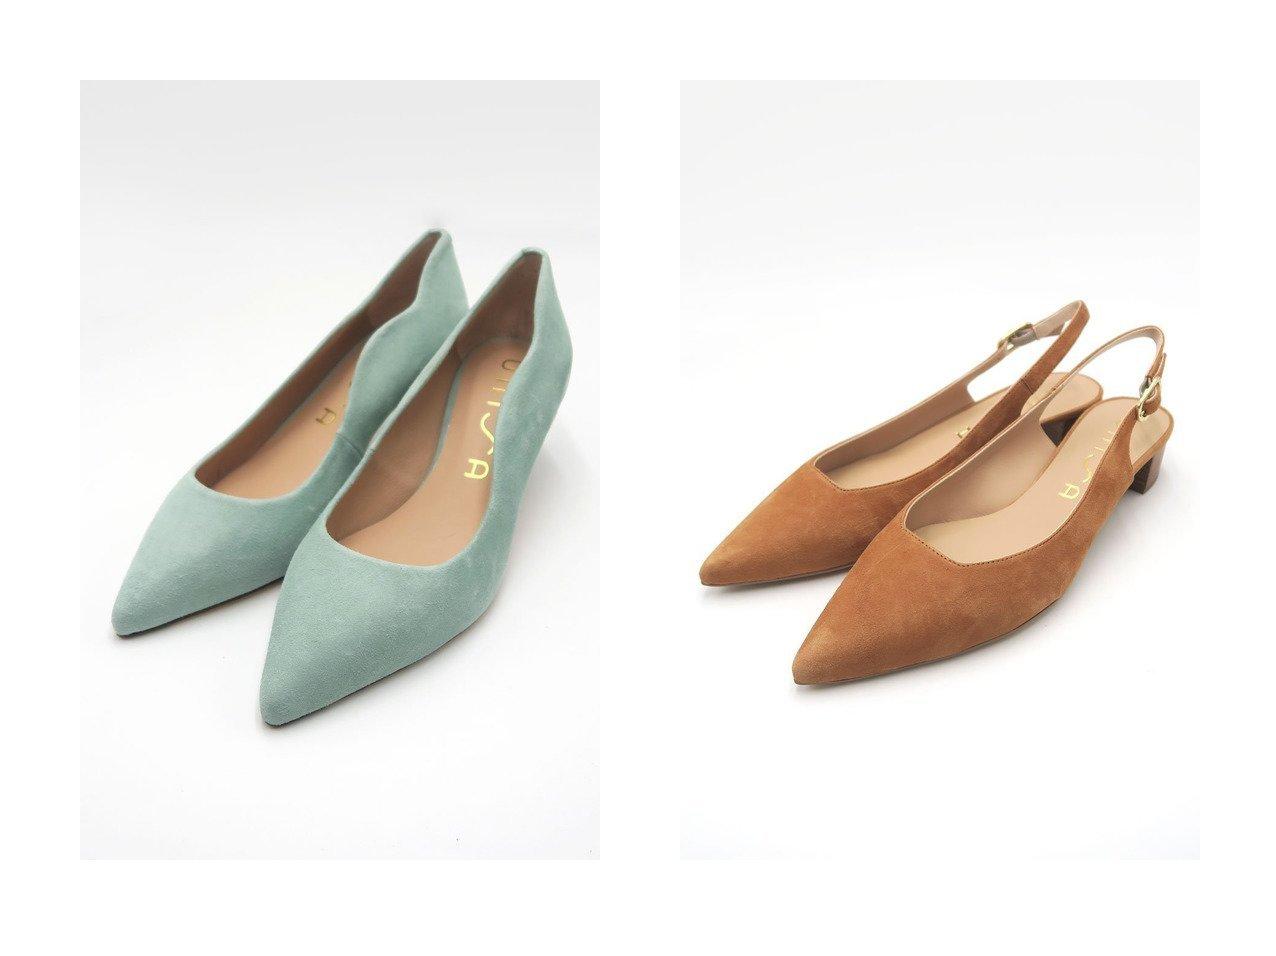 【Esmeralda/エスメラルダ】の【UNISA】ポインテッドスカラップパンプス&【UNISA】バックスリングスエードパンプス シューズ・靴のおすすめ!人気、トレンド・レディースファッションの通販  おすすめで人気の流行・トレンド、ファッションの通販商品 メンズファッション・キッズファッション・インテリア・家具・レディースファッション・服の通販 founy(ファニー) https://founy.com/ ファッション Fashion レディースファッション WOMEN バッグ Bag 2020年 2020 2020-2021 秋冬 A/W AW Autumn/Winter / FW Fall-Winter 2020-2021 2021年 2021 2021 春夏 S/S SS Spring/Summer 2021 春 Spring A/W 秋冬 AW Autumn/Winter / FW Fall-Winter |ID:crp329100000010815